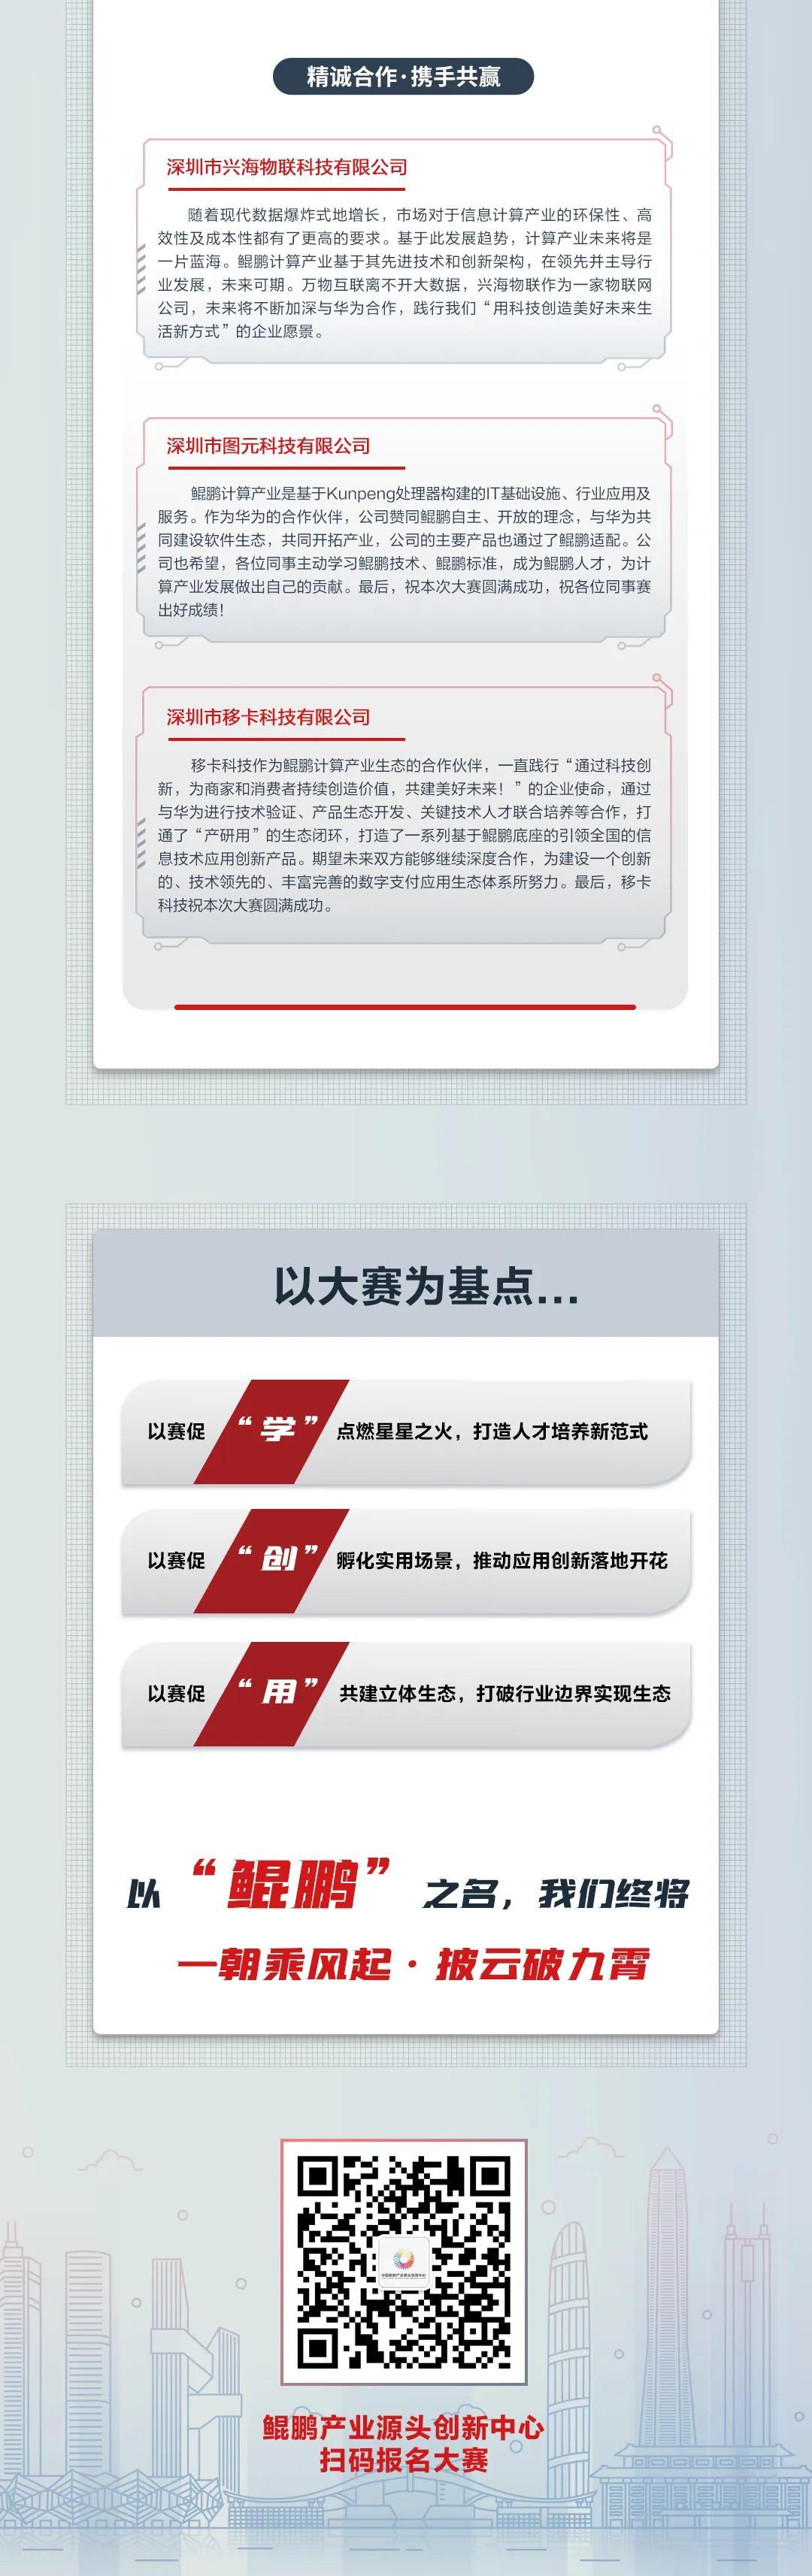 """一图了解鲲鹏应用创新大赛2021""""鹏飞计划"""""""